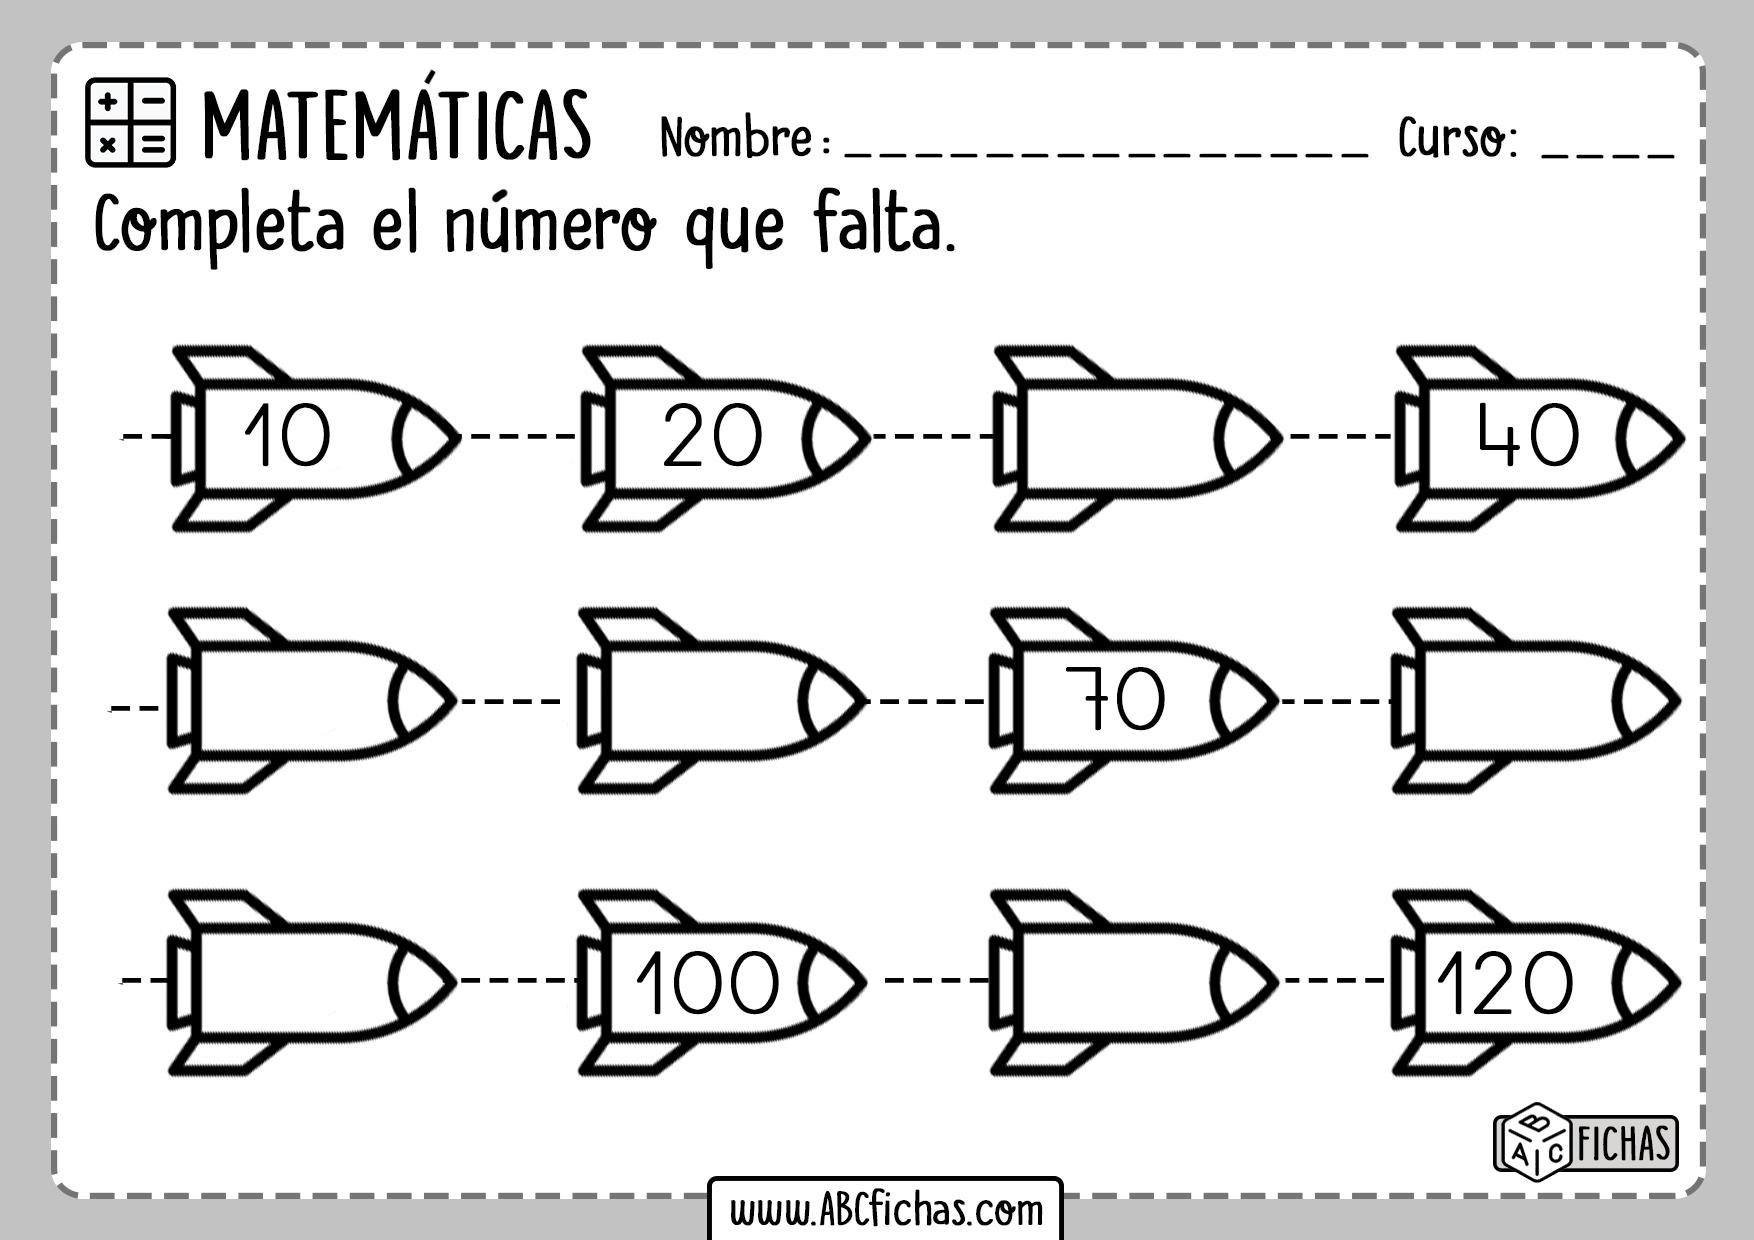 Series Numericas para aprender a contar